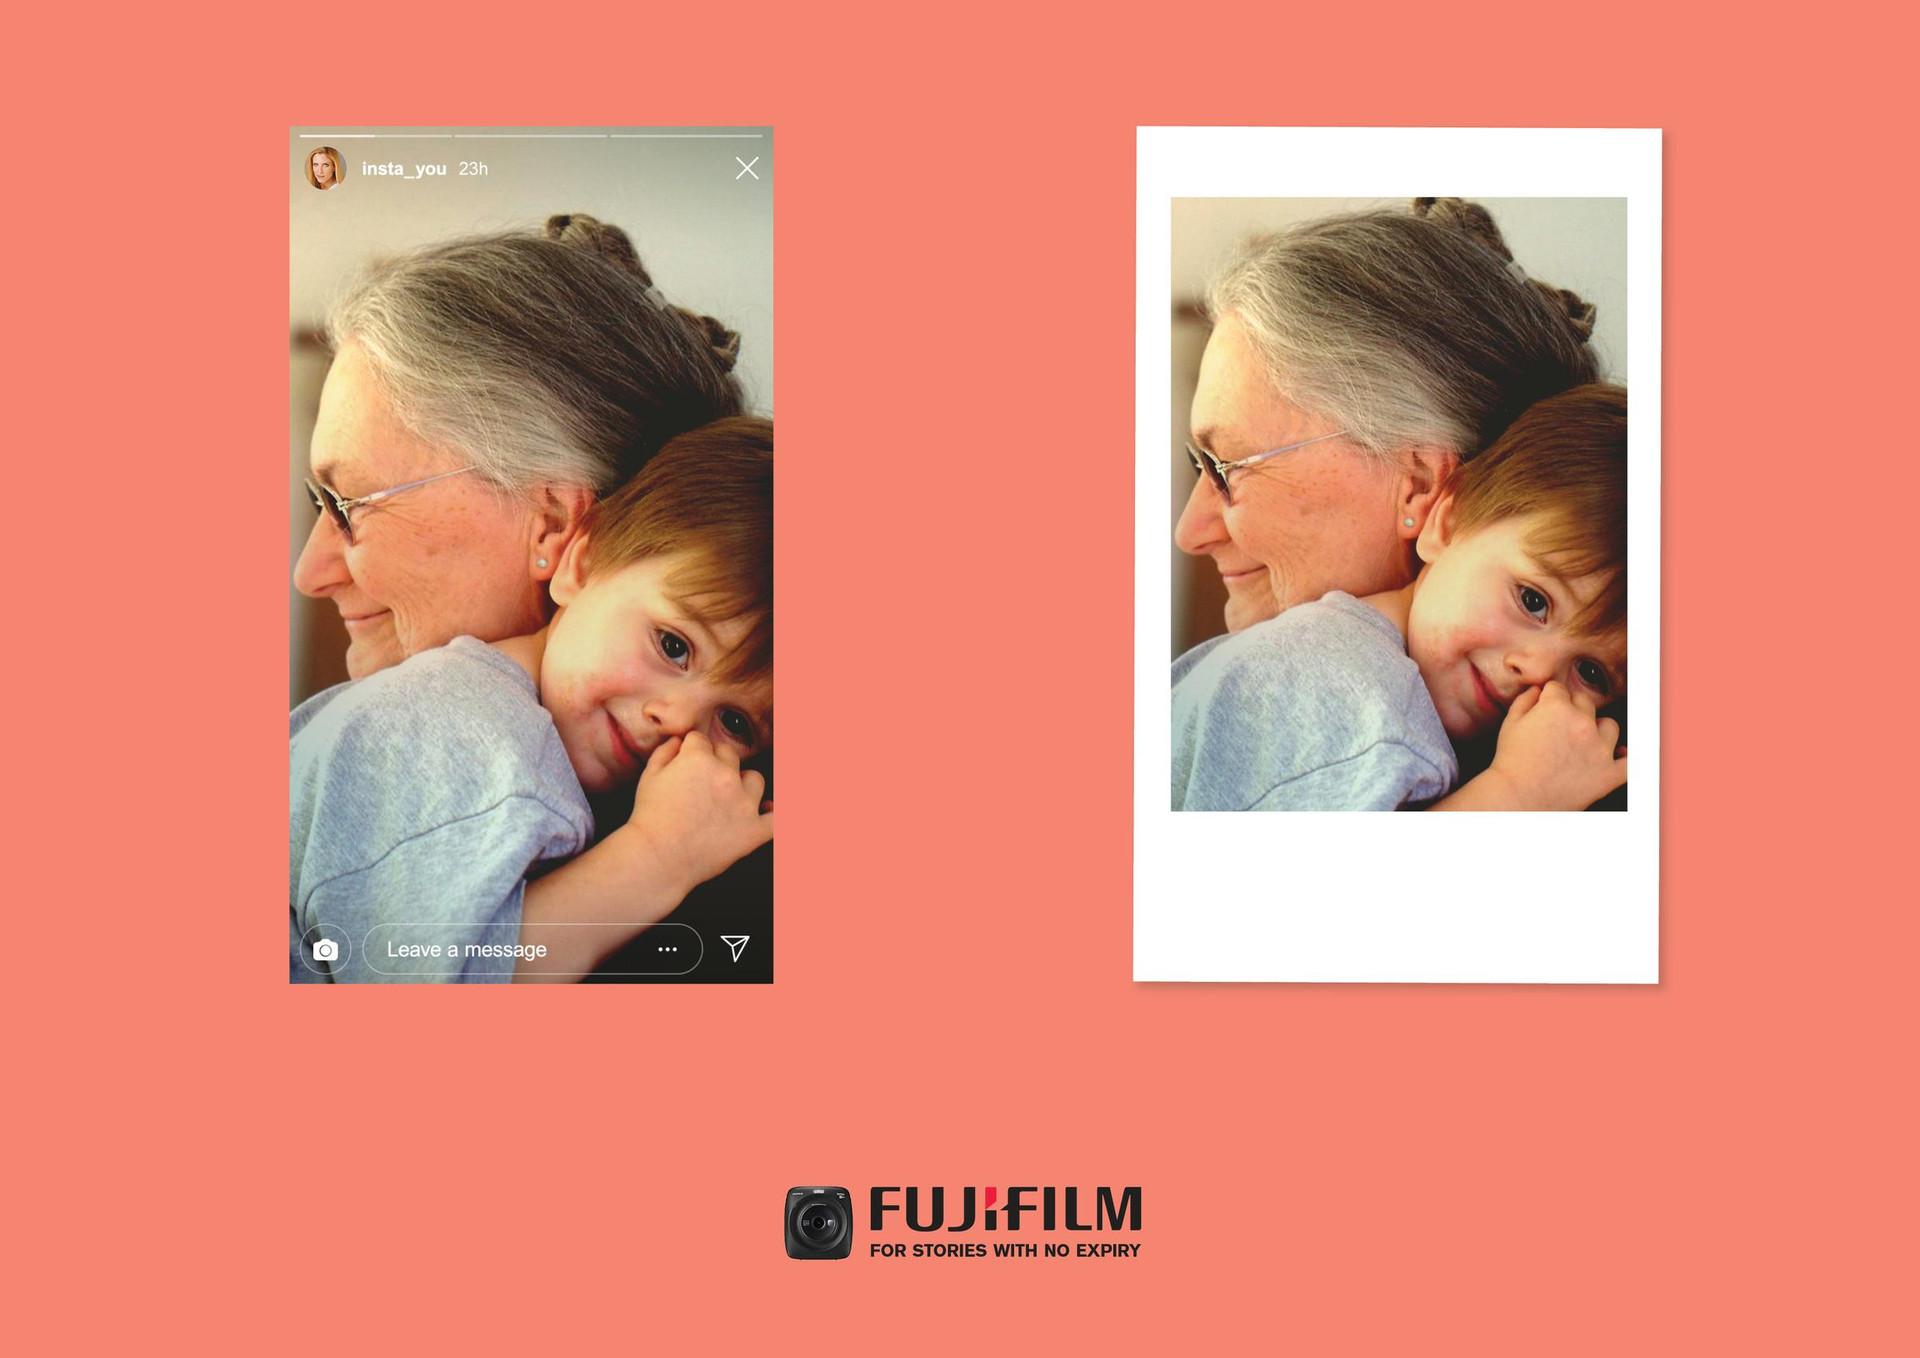 f2f_stories.jpg